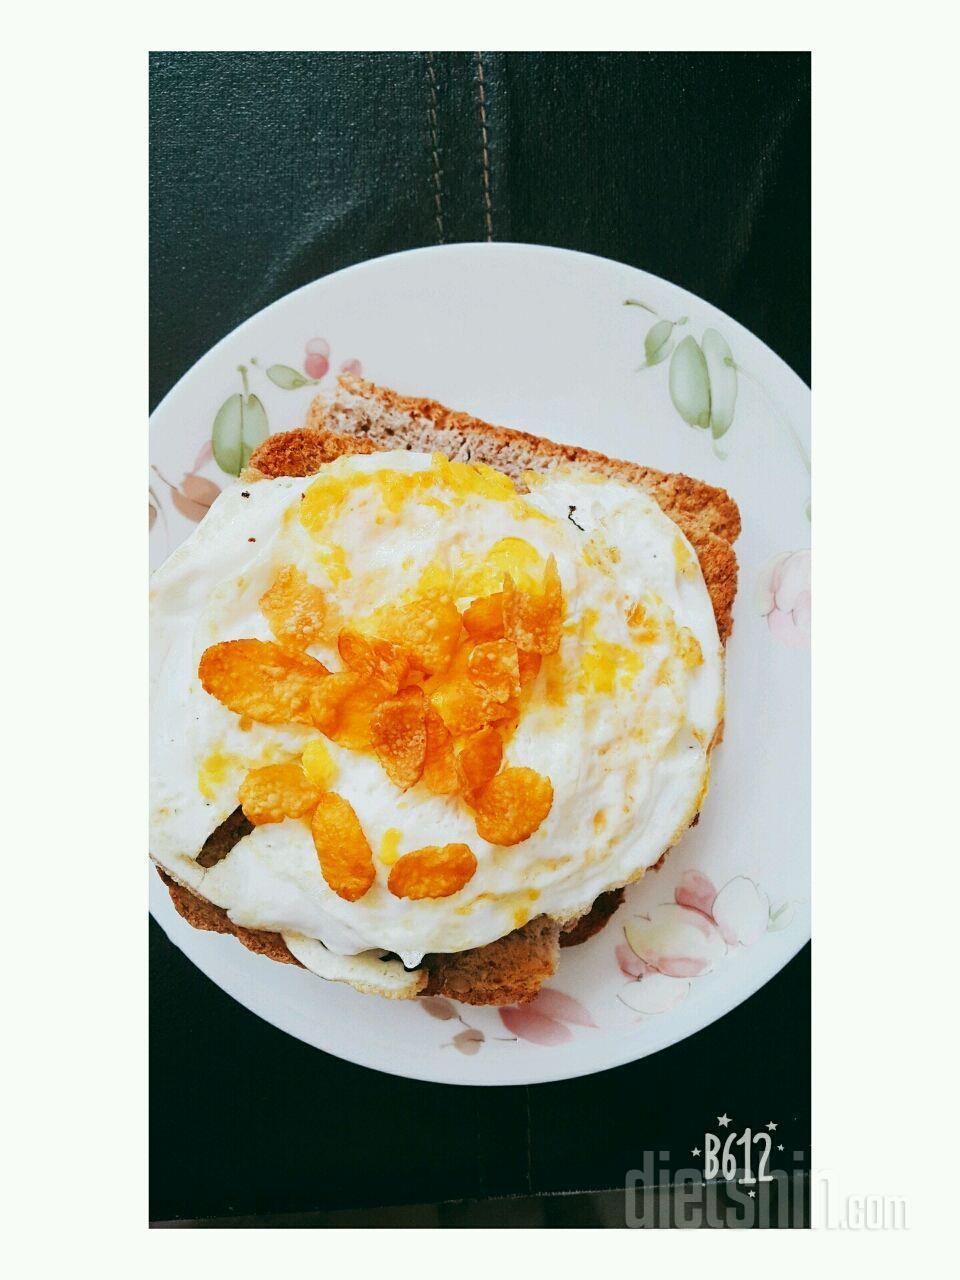 귀찮은 아침에 통밀빵 간단한 토스트